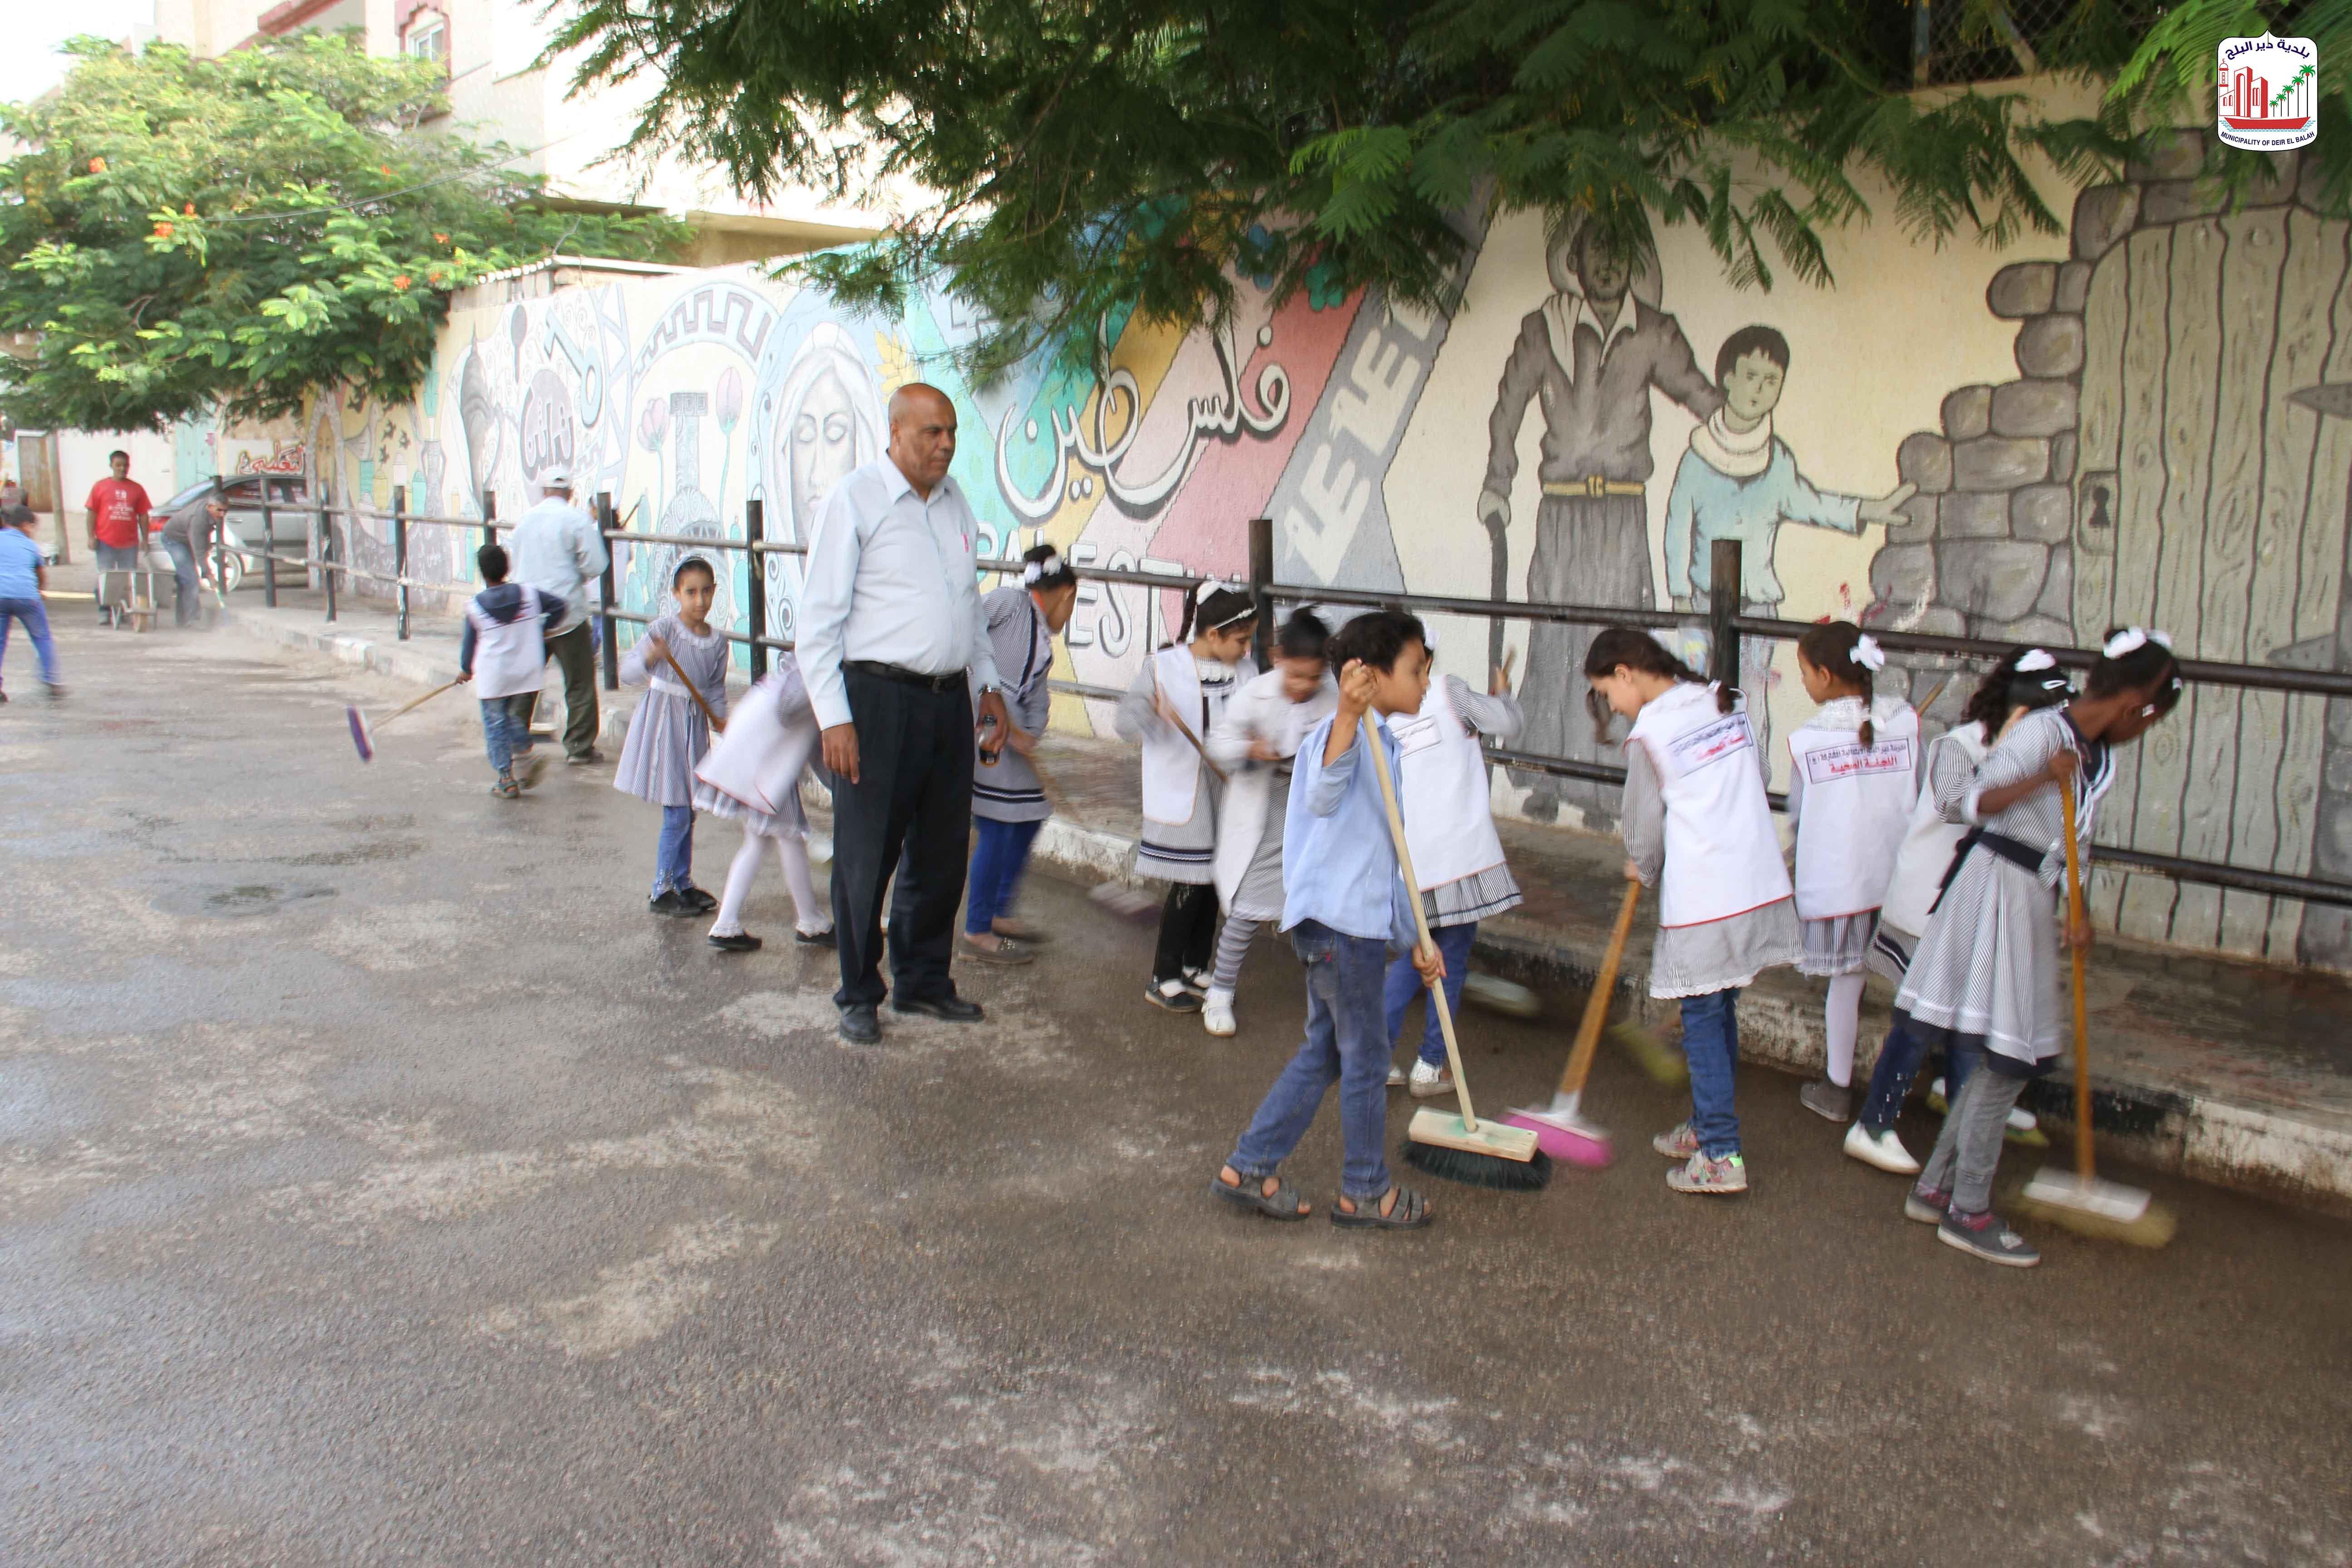 البلدية تنظيم حملة نظافة لشارع المزرعة بالتعاون مع مدرسة المزرعة